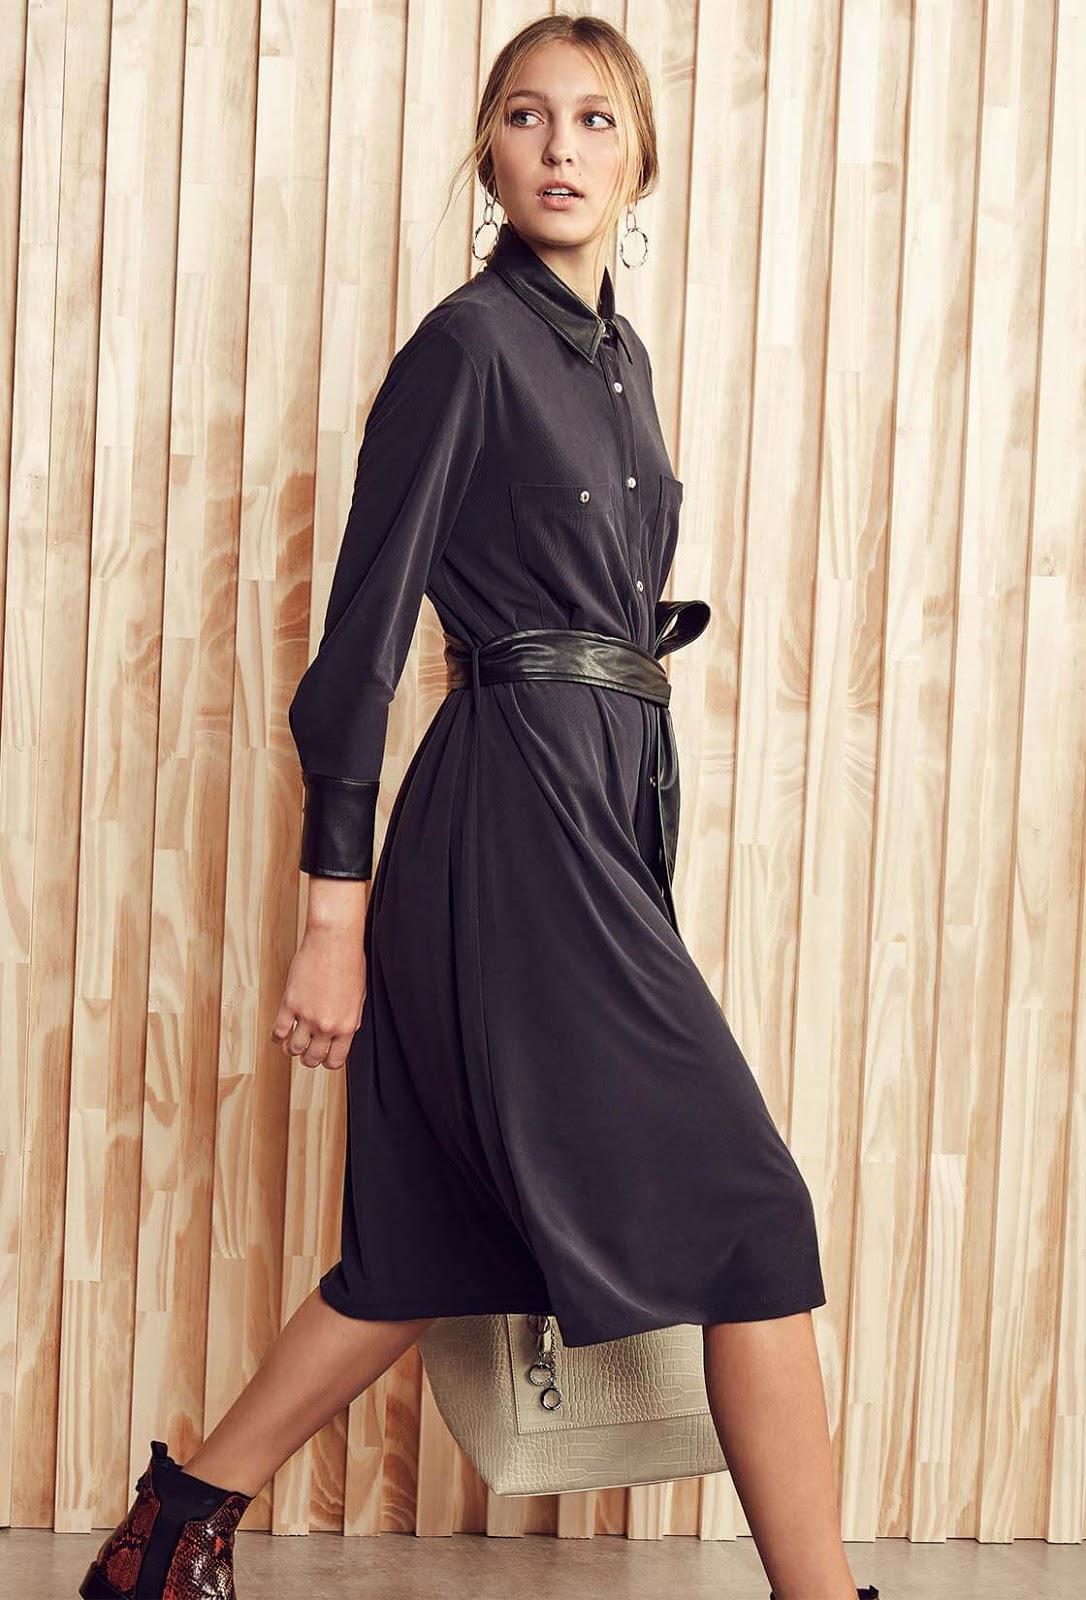 Moda invierno 2020 ropa de mujer 2020 invierno.